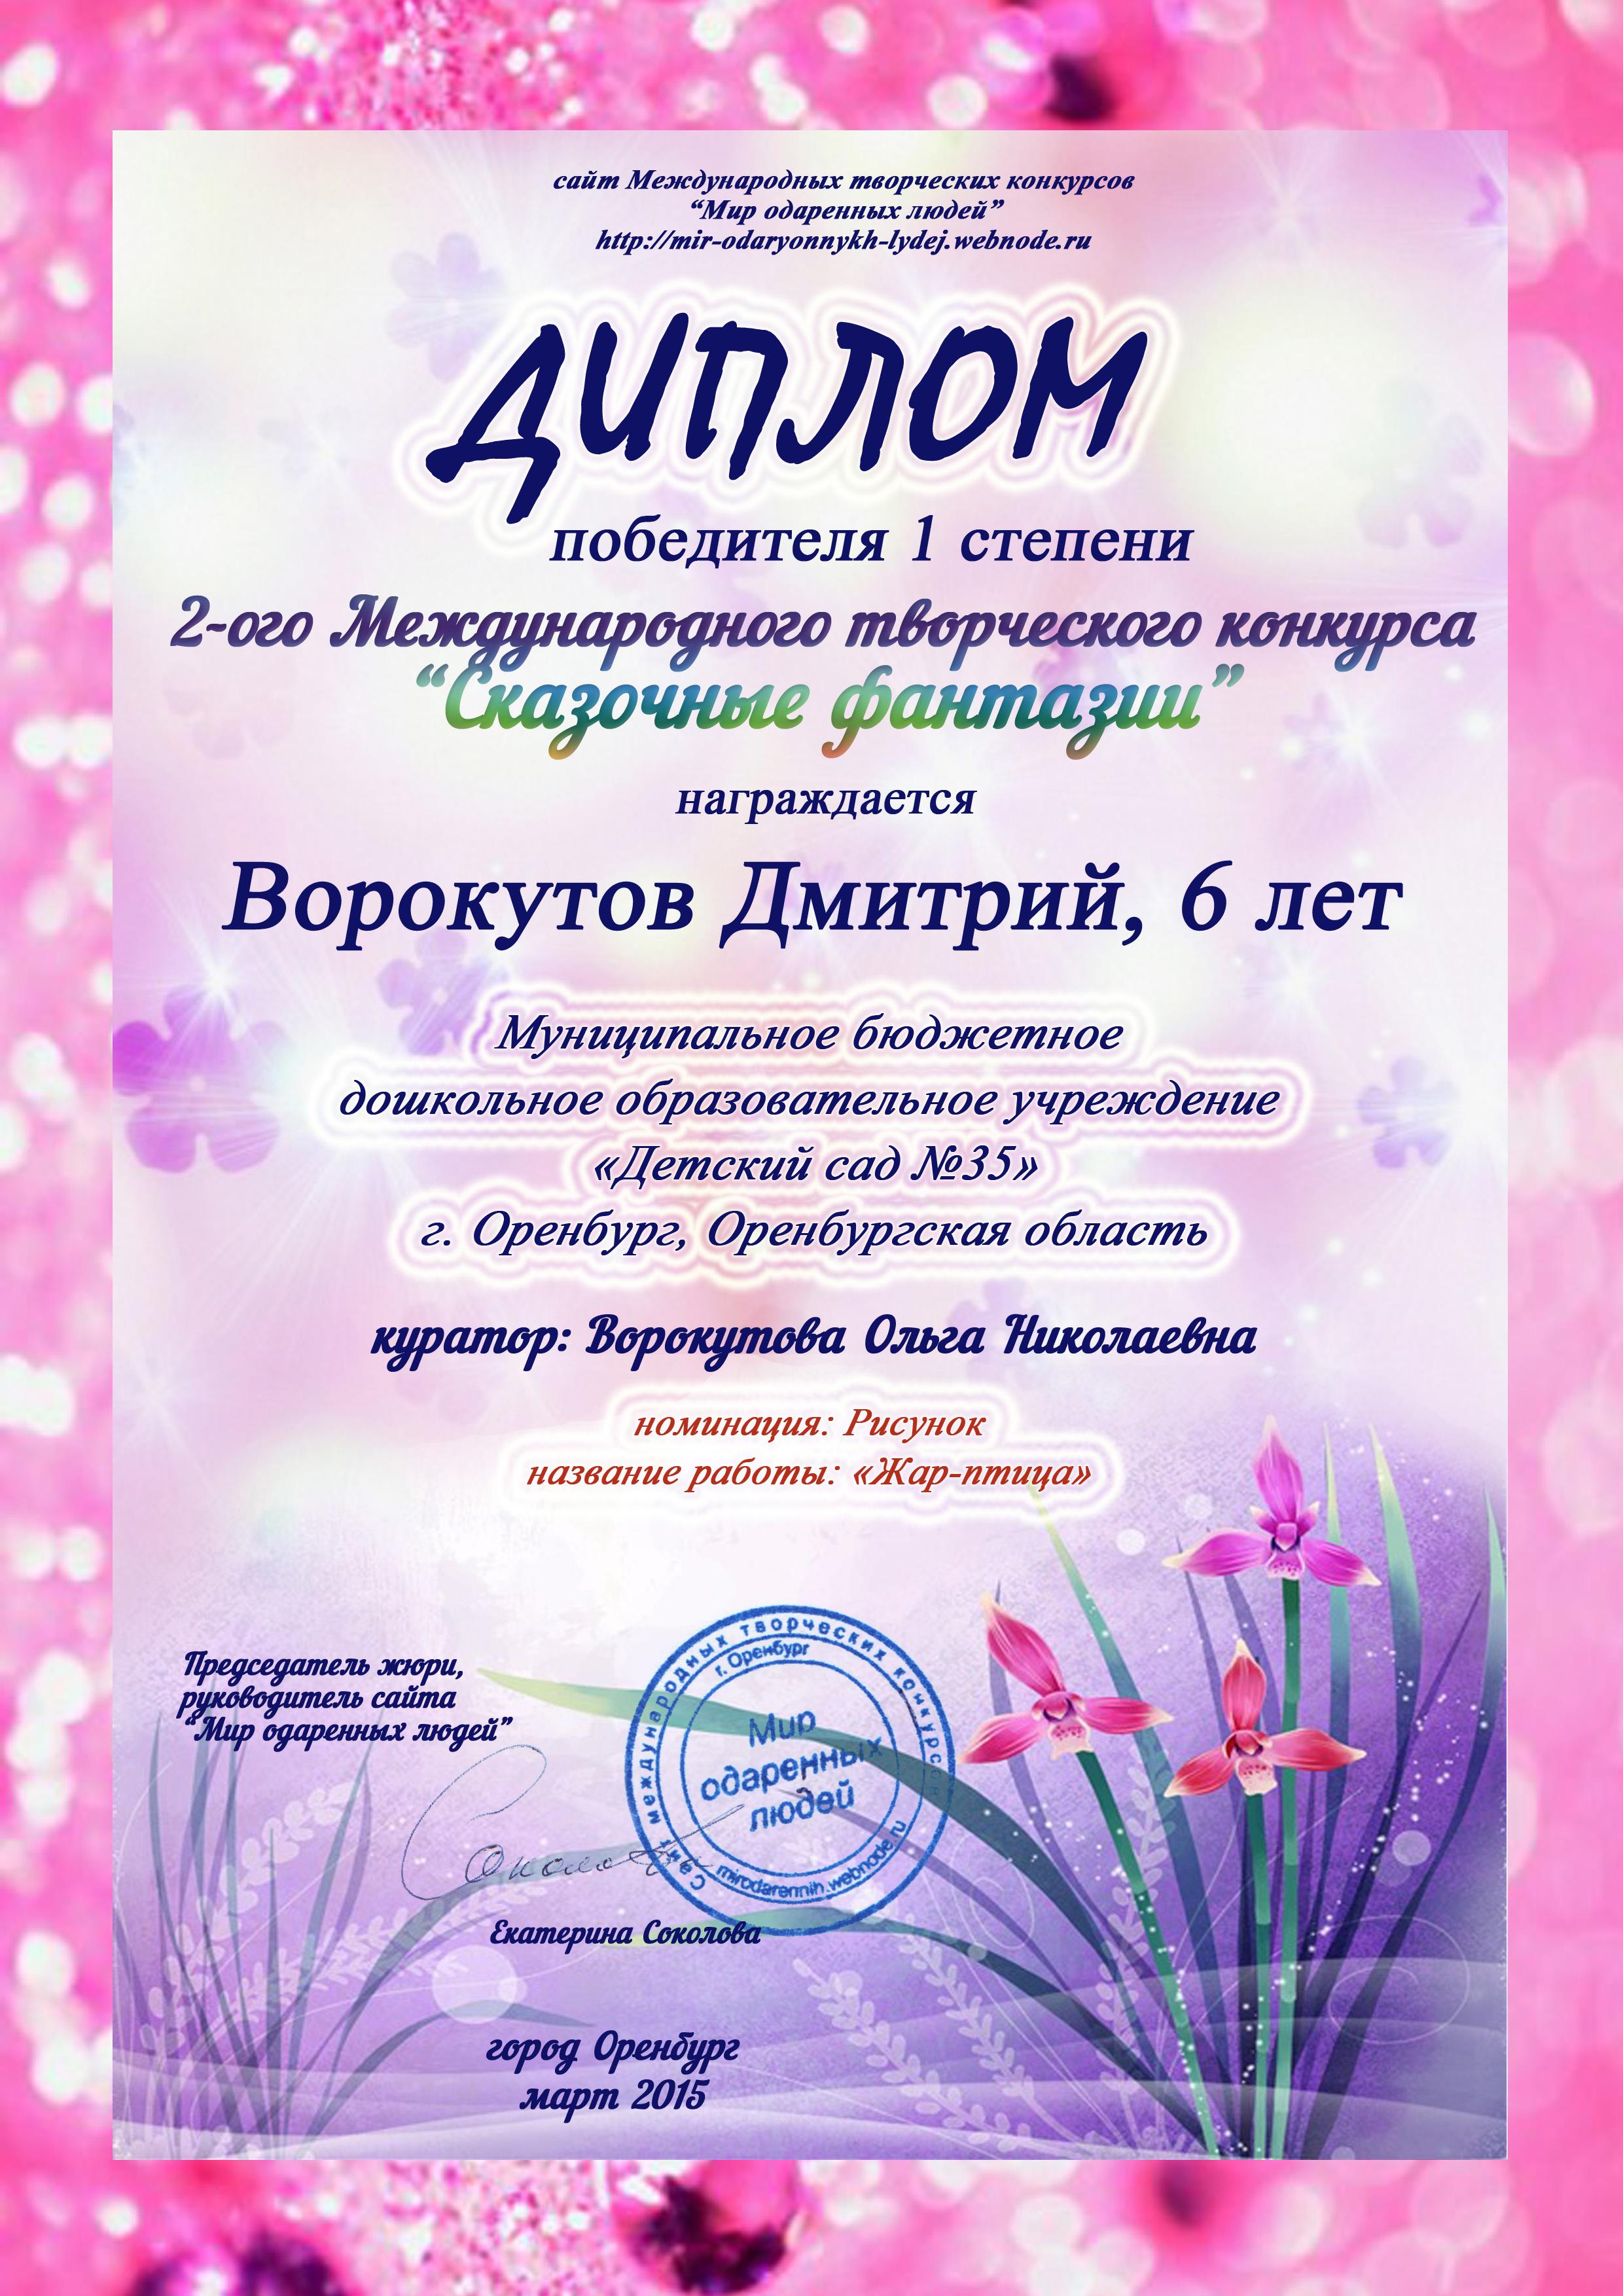 Ворокутов Дмитрий, 6 лет